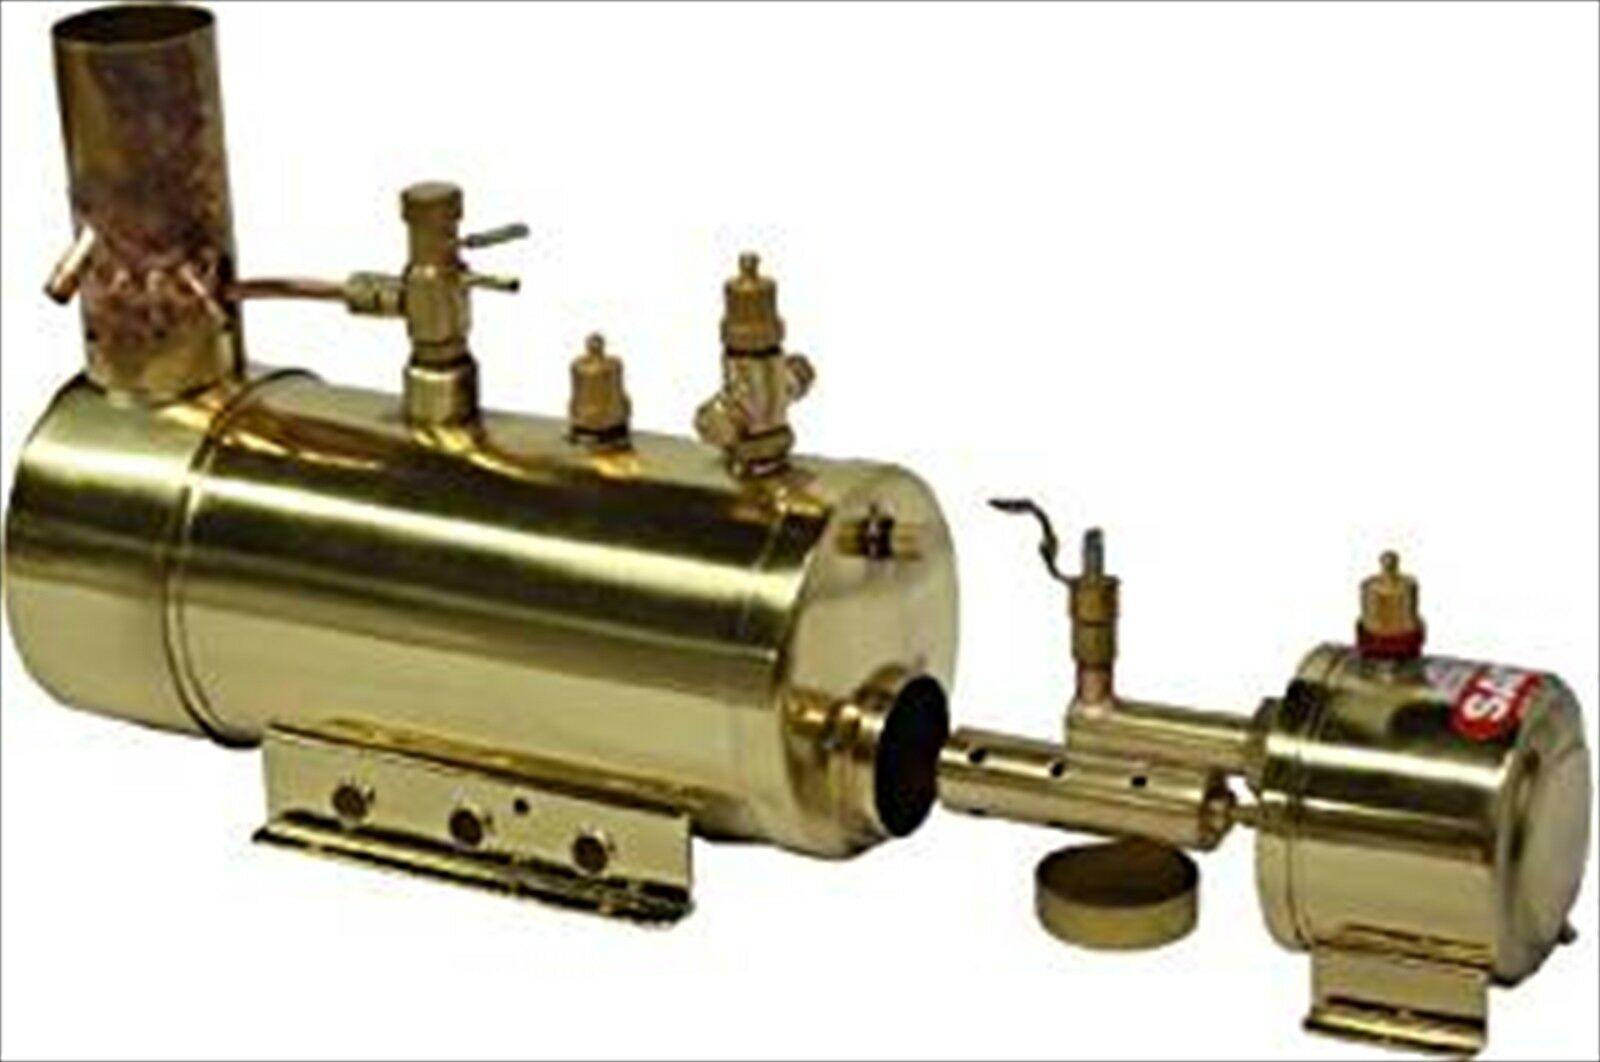 B2F SAITO Boilers for modello Ship Marine Boat  Ssquadra Engine TT2DRY2DRT2DR-L JP nuovo  Garanzia del prezzo al 100%